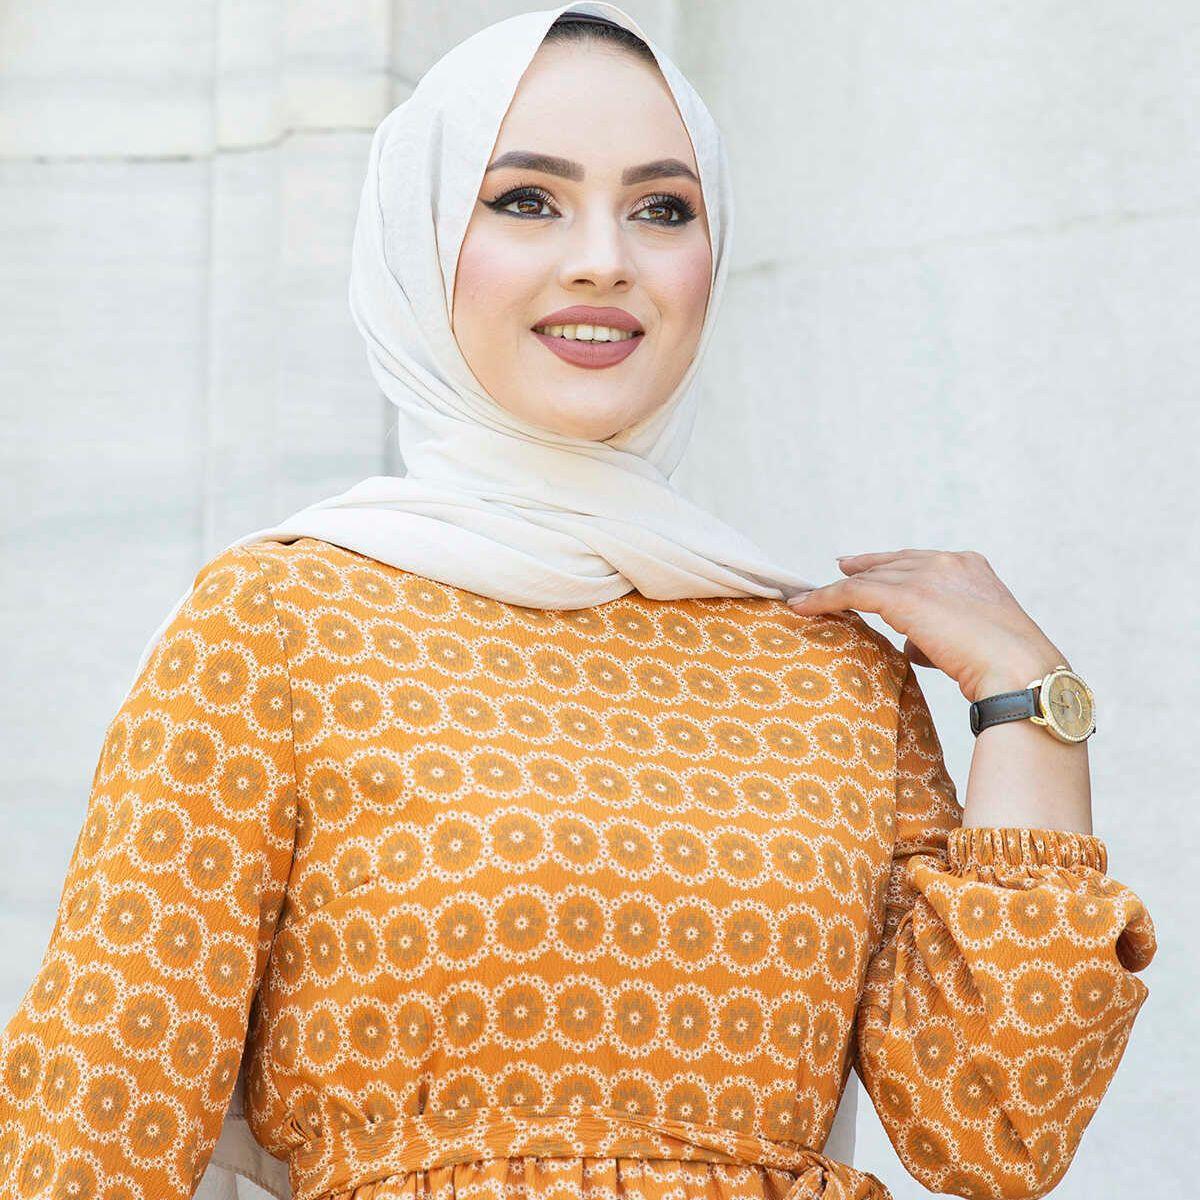 Платье с рисунком Frilly, турецкий мусульманский модный хиджаб, мусульманская одежда Дубай, эксклюзивные стили Дубая, амбул 2021